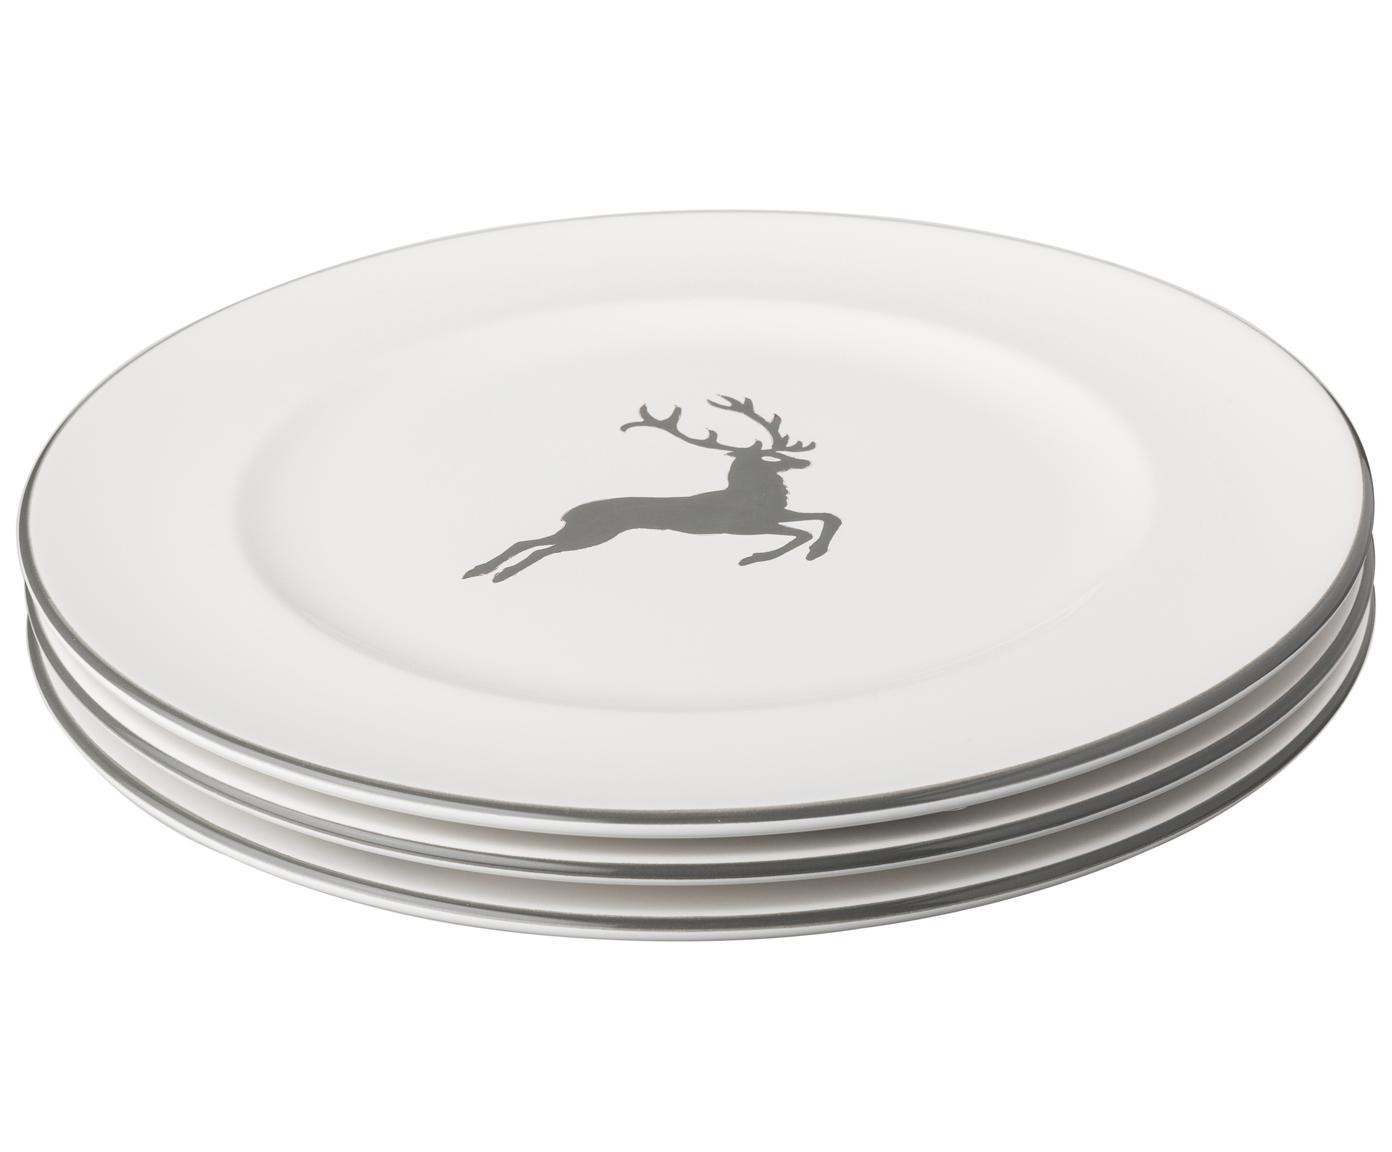 Speiseteller Gourmet Grauer Hirsch, Keramik, Grau,Weiß, Ø 27 cm